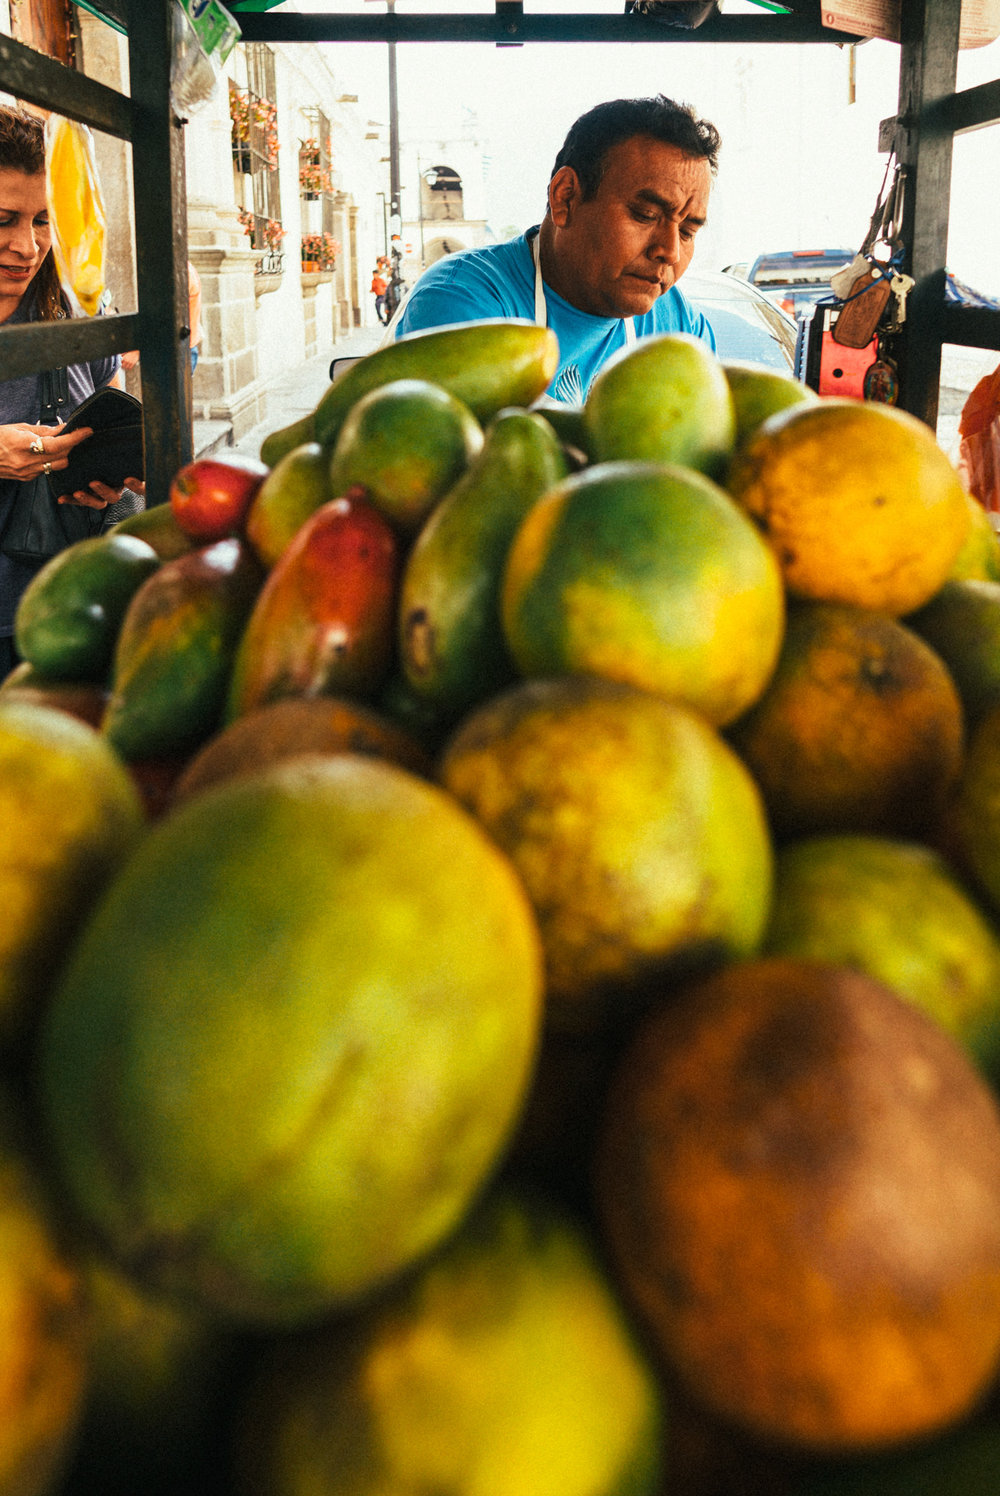 Mango Strassenverkäufer.jpg